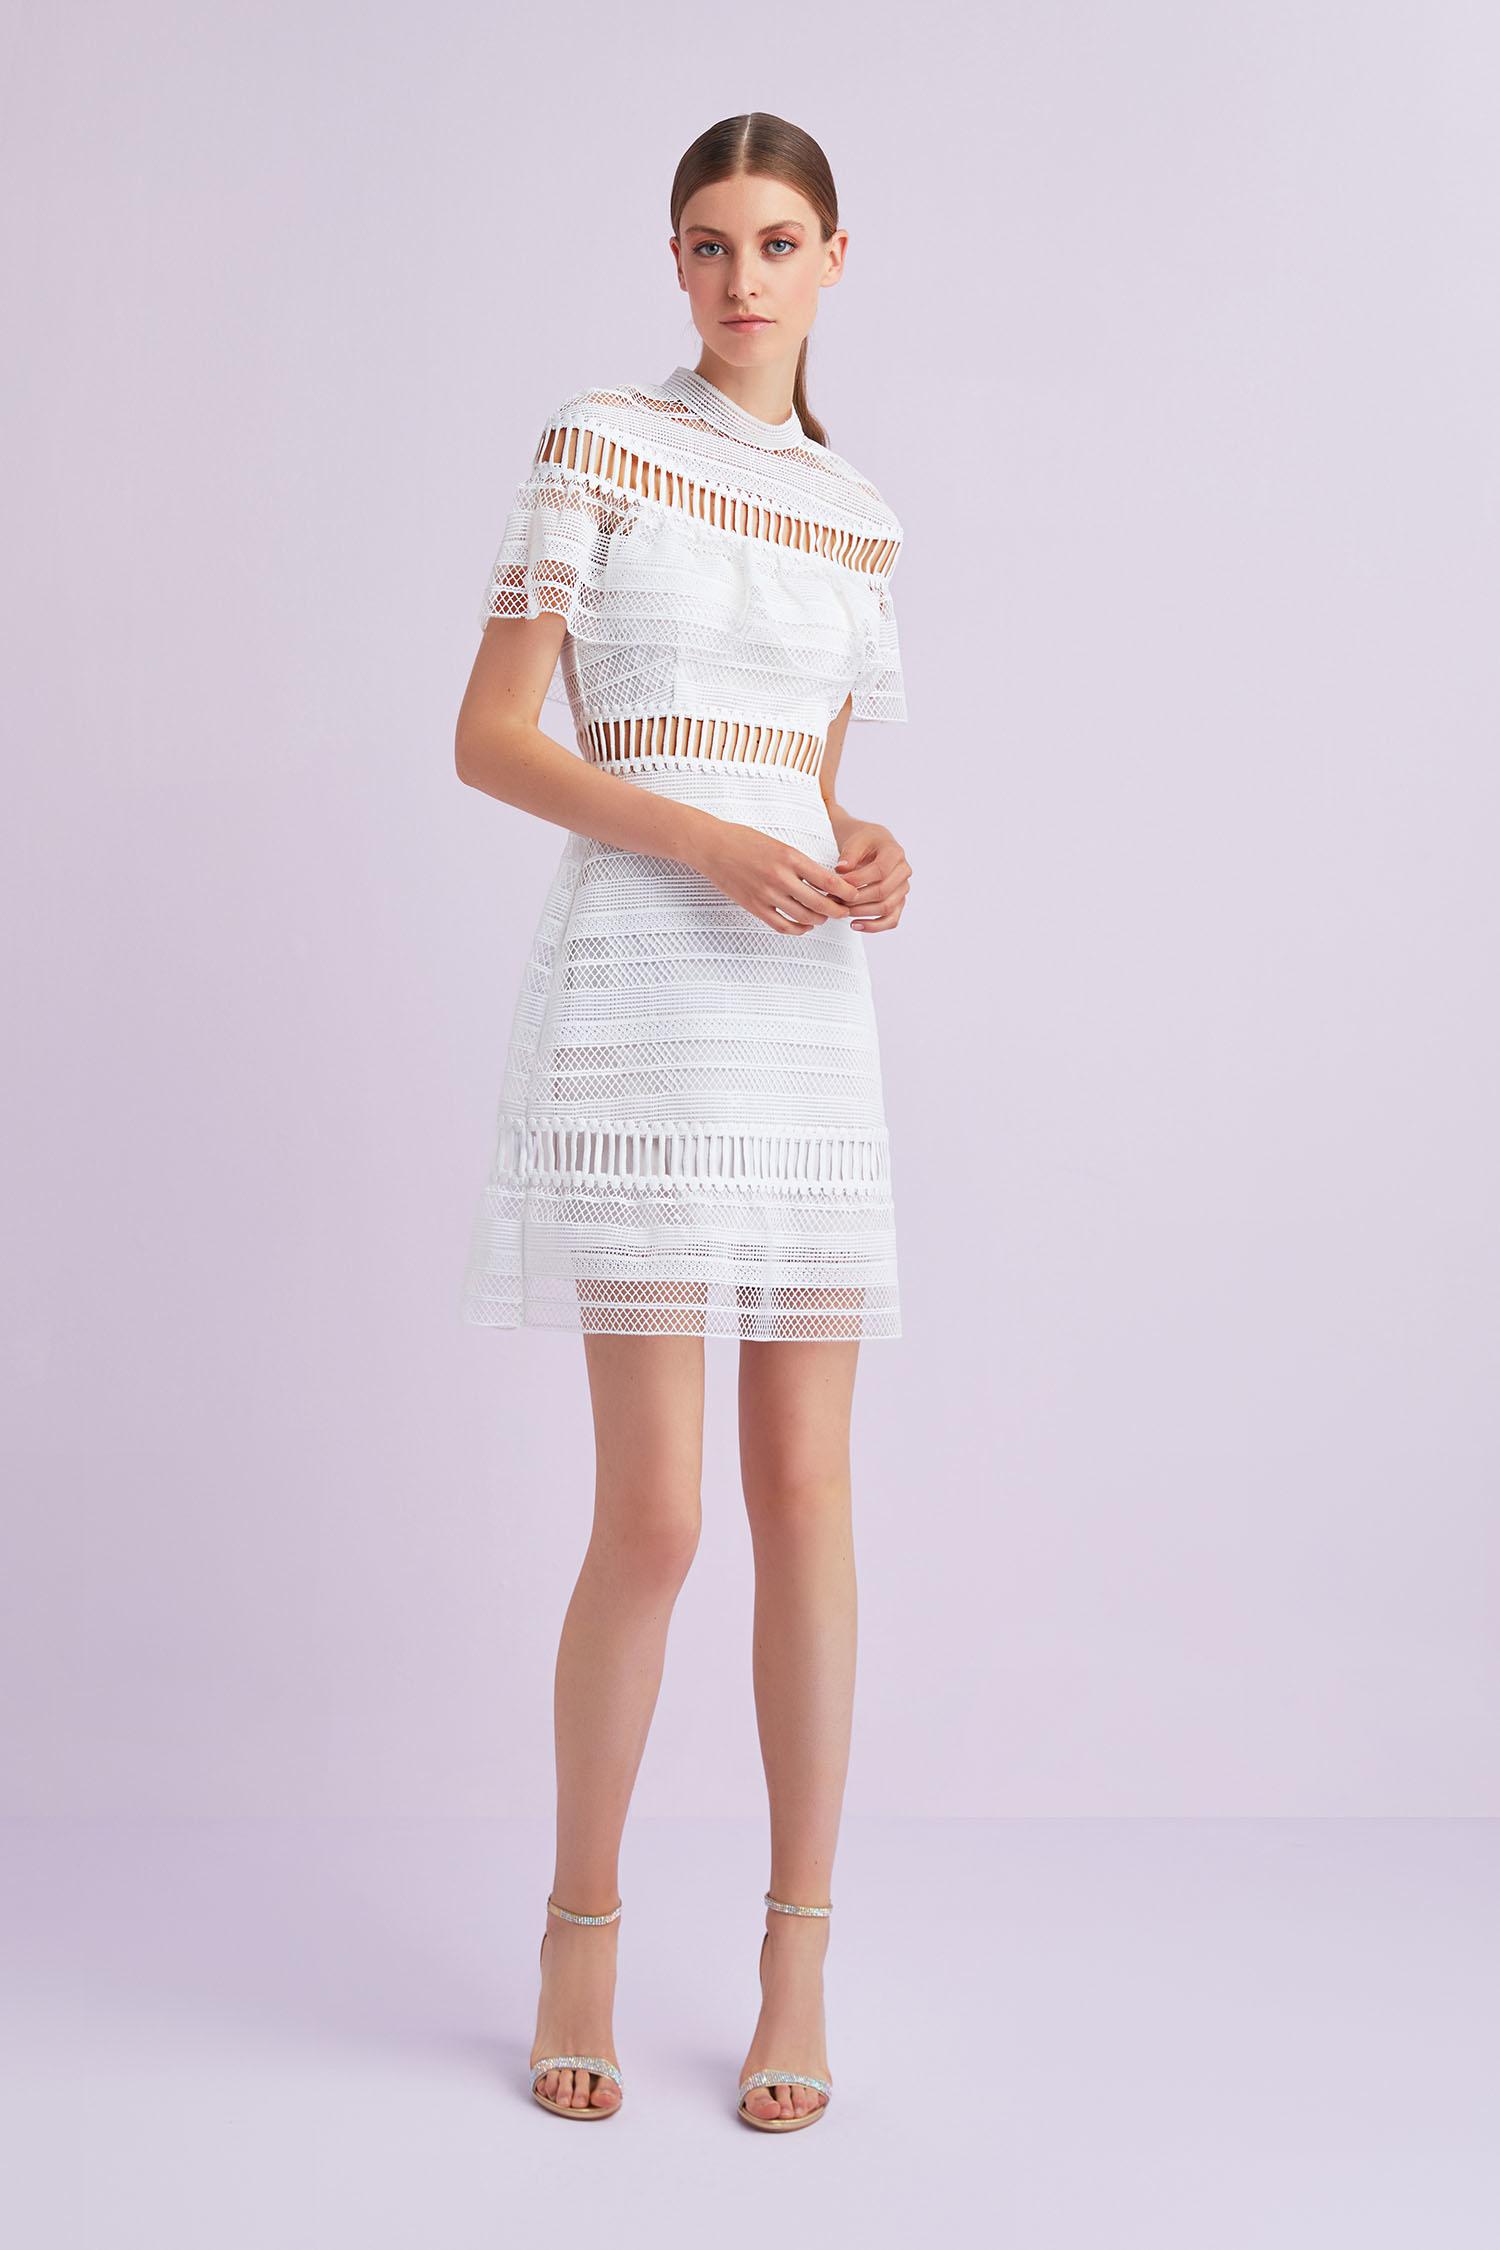 Beyaz Kısa Kollu Dantel İşlemeli Kısa Büyük Beden Nikah Elbisesi - Thumbnail